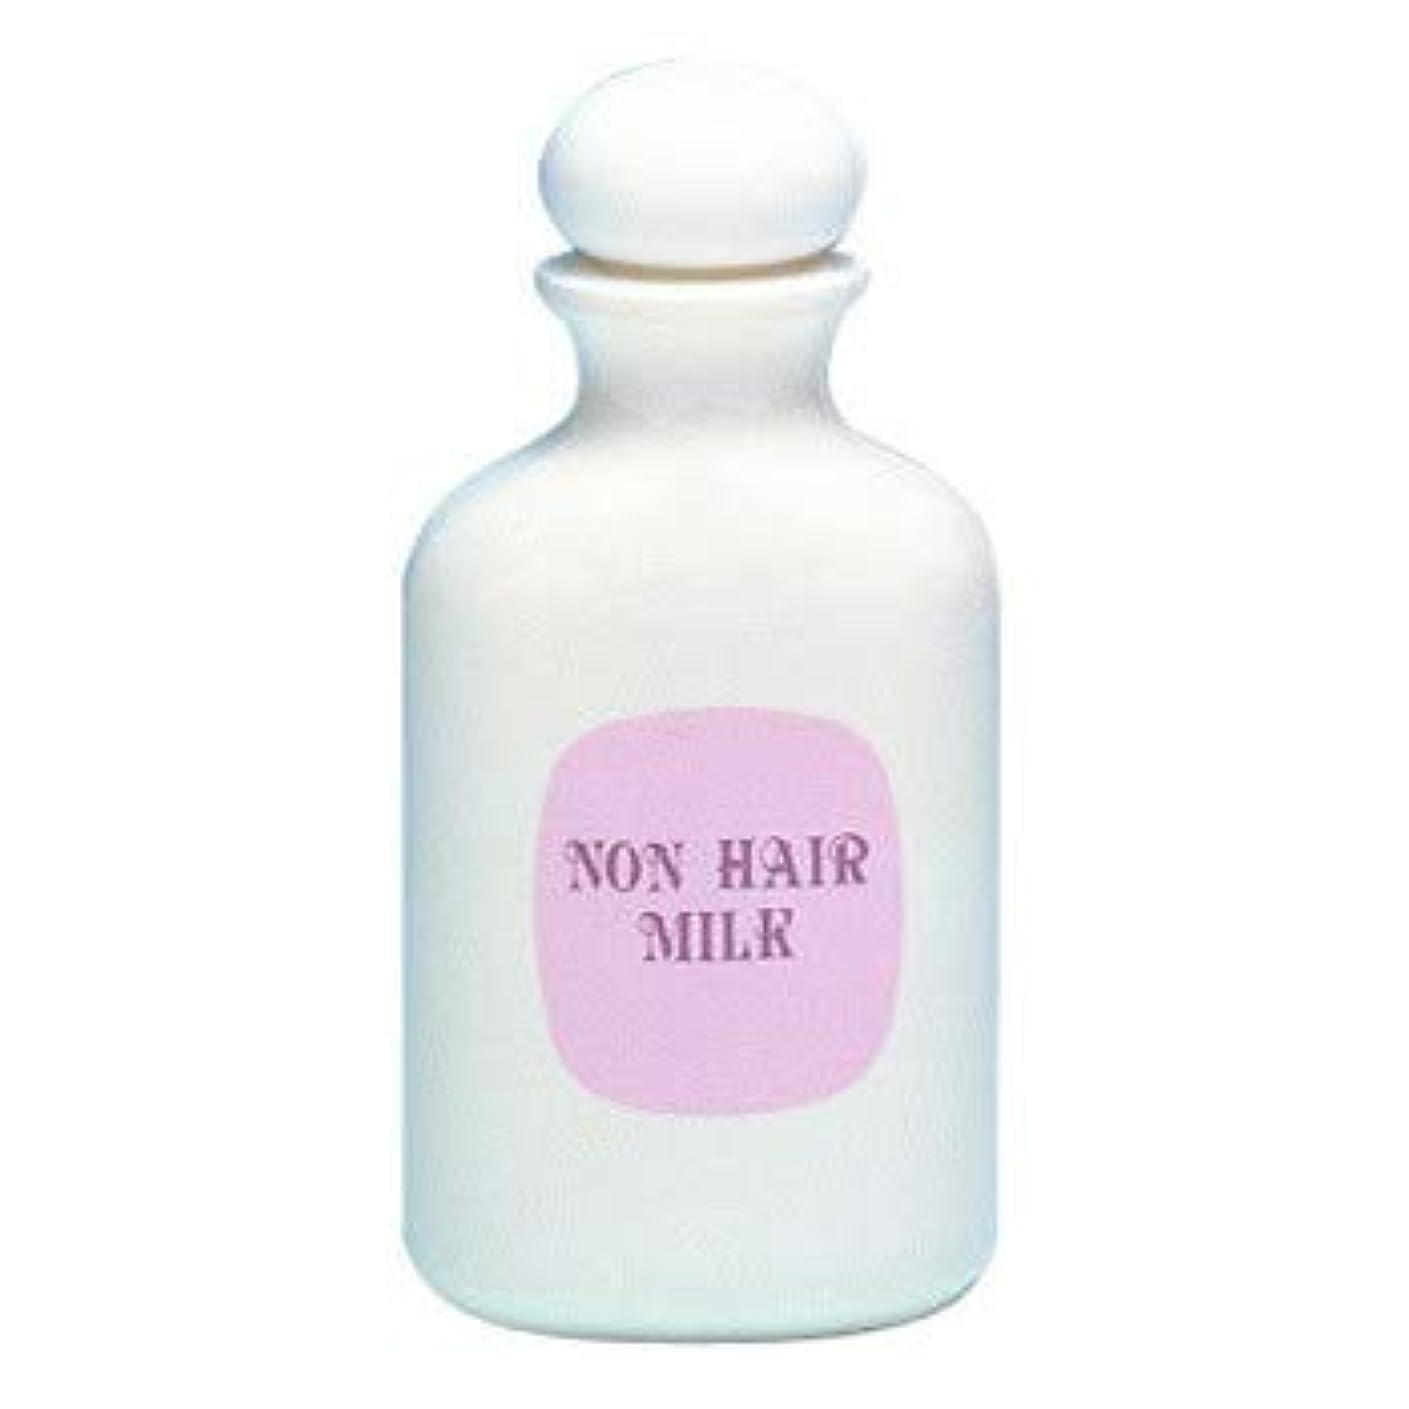 シュート引き付ける損なう除毛クリーム デリケートゾーン ノンヘアーミルク 大容量200ml ムダ毛処理 脱毛 除毛剤